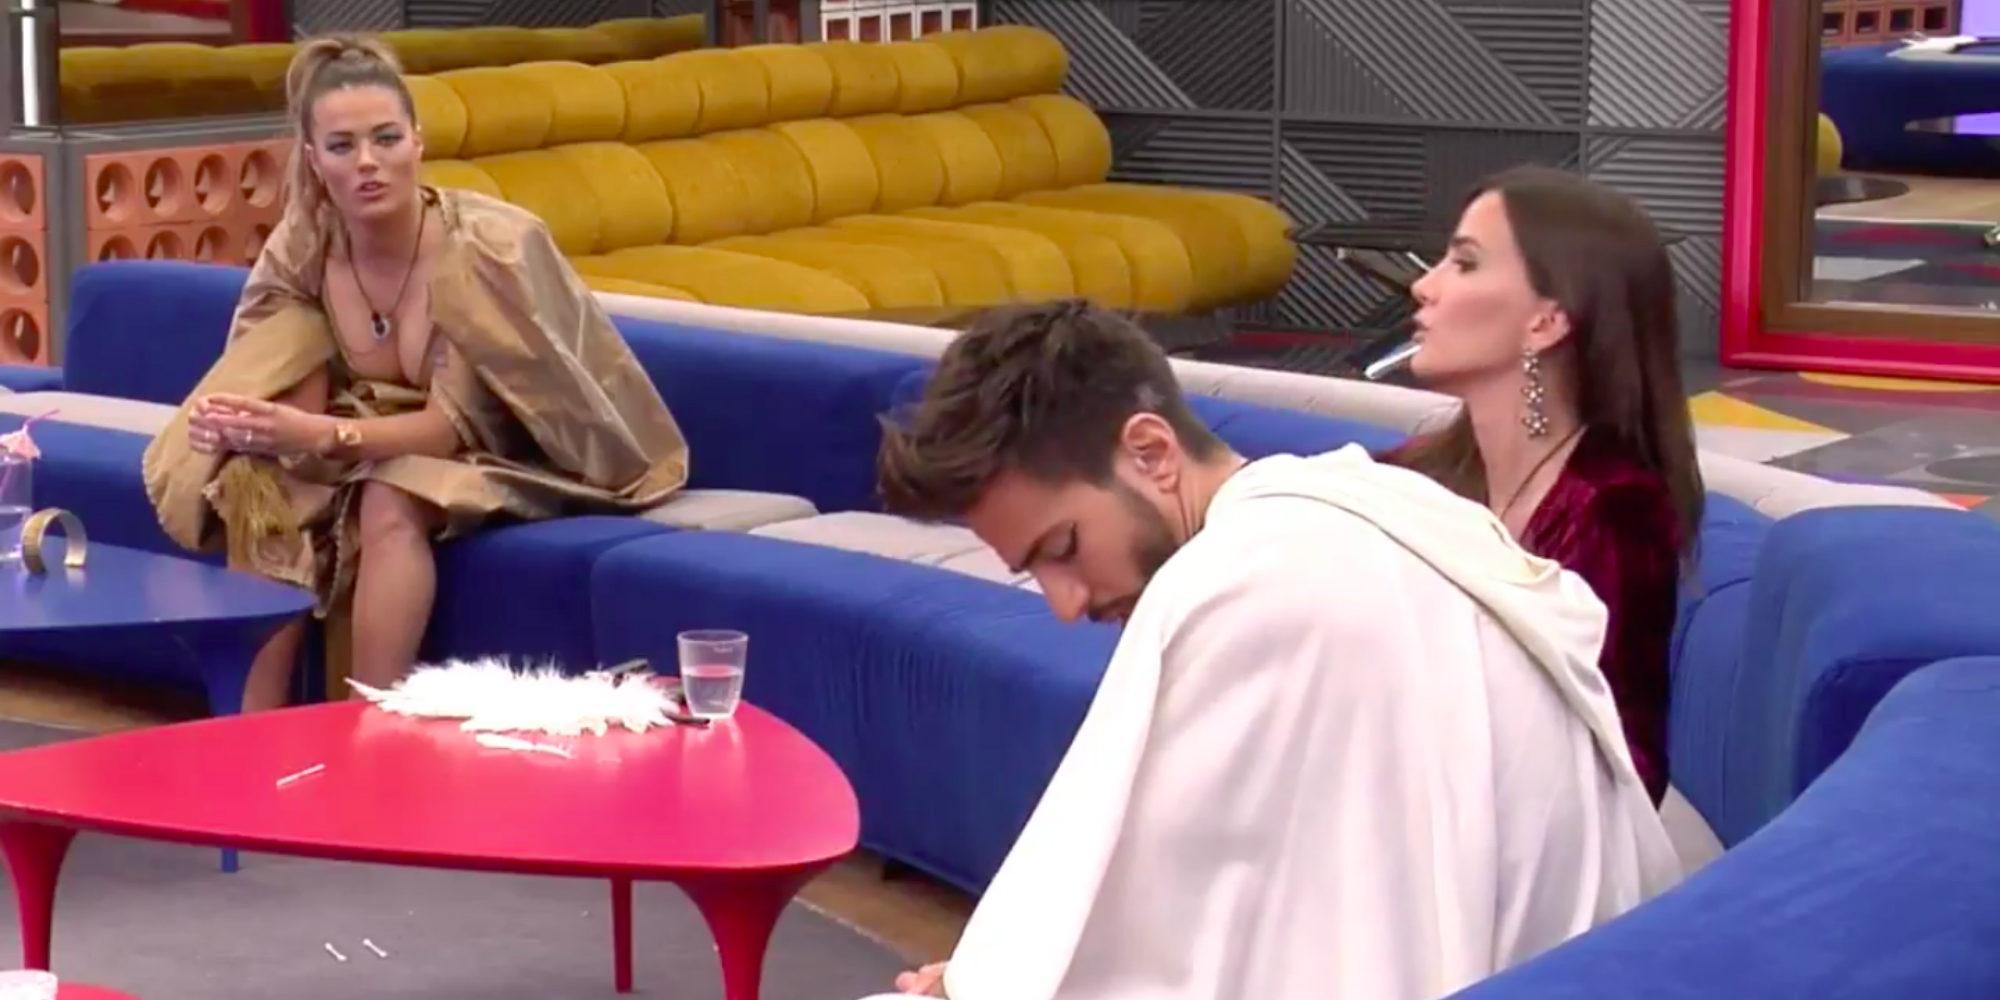 """Aylén quiere formar parte de la amistad entre Marco y Alyson: """"Explíquenme sus bromas y nos reímos los tres"""""""